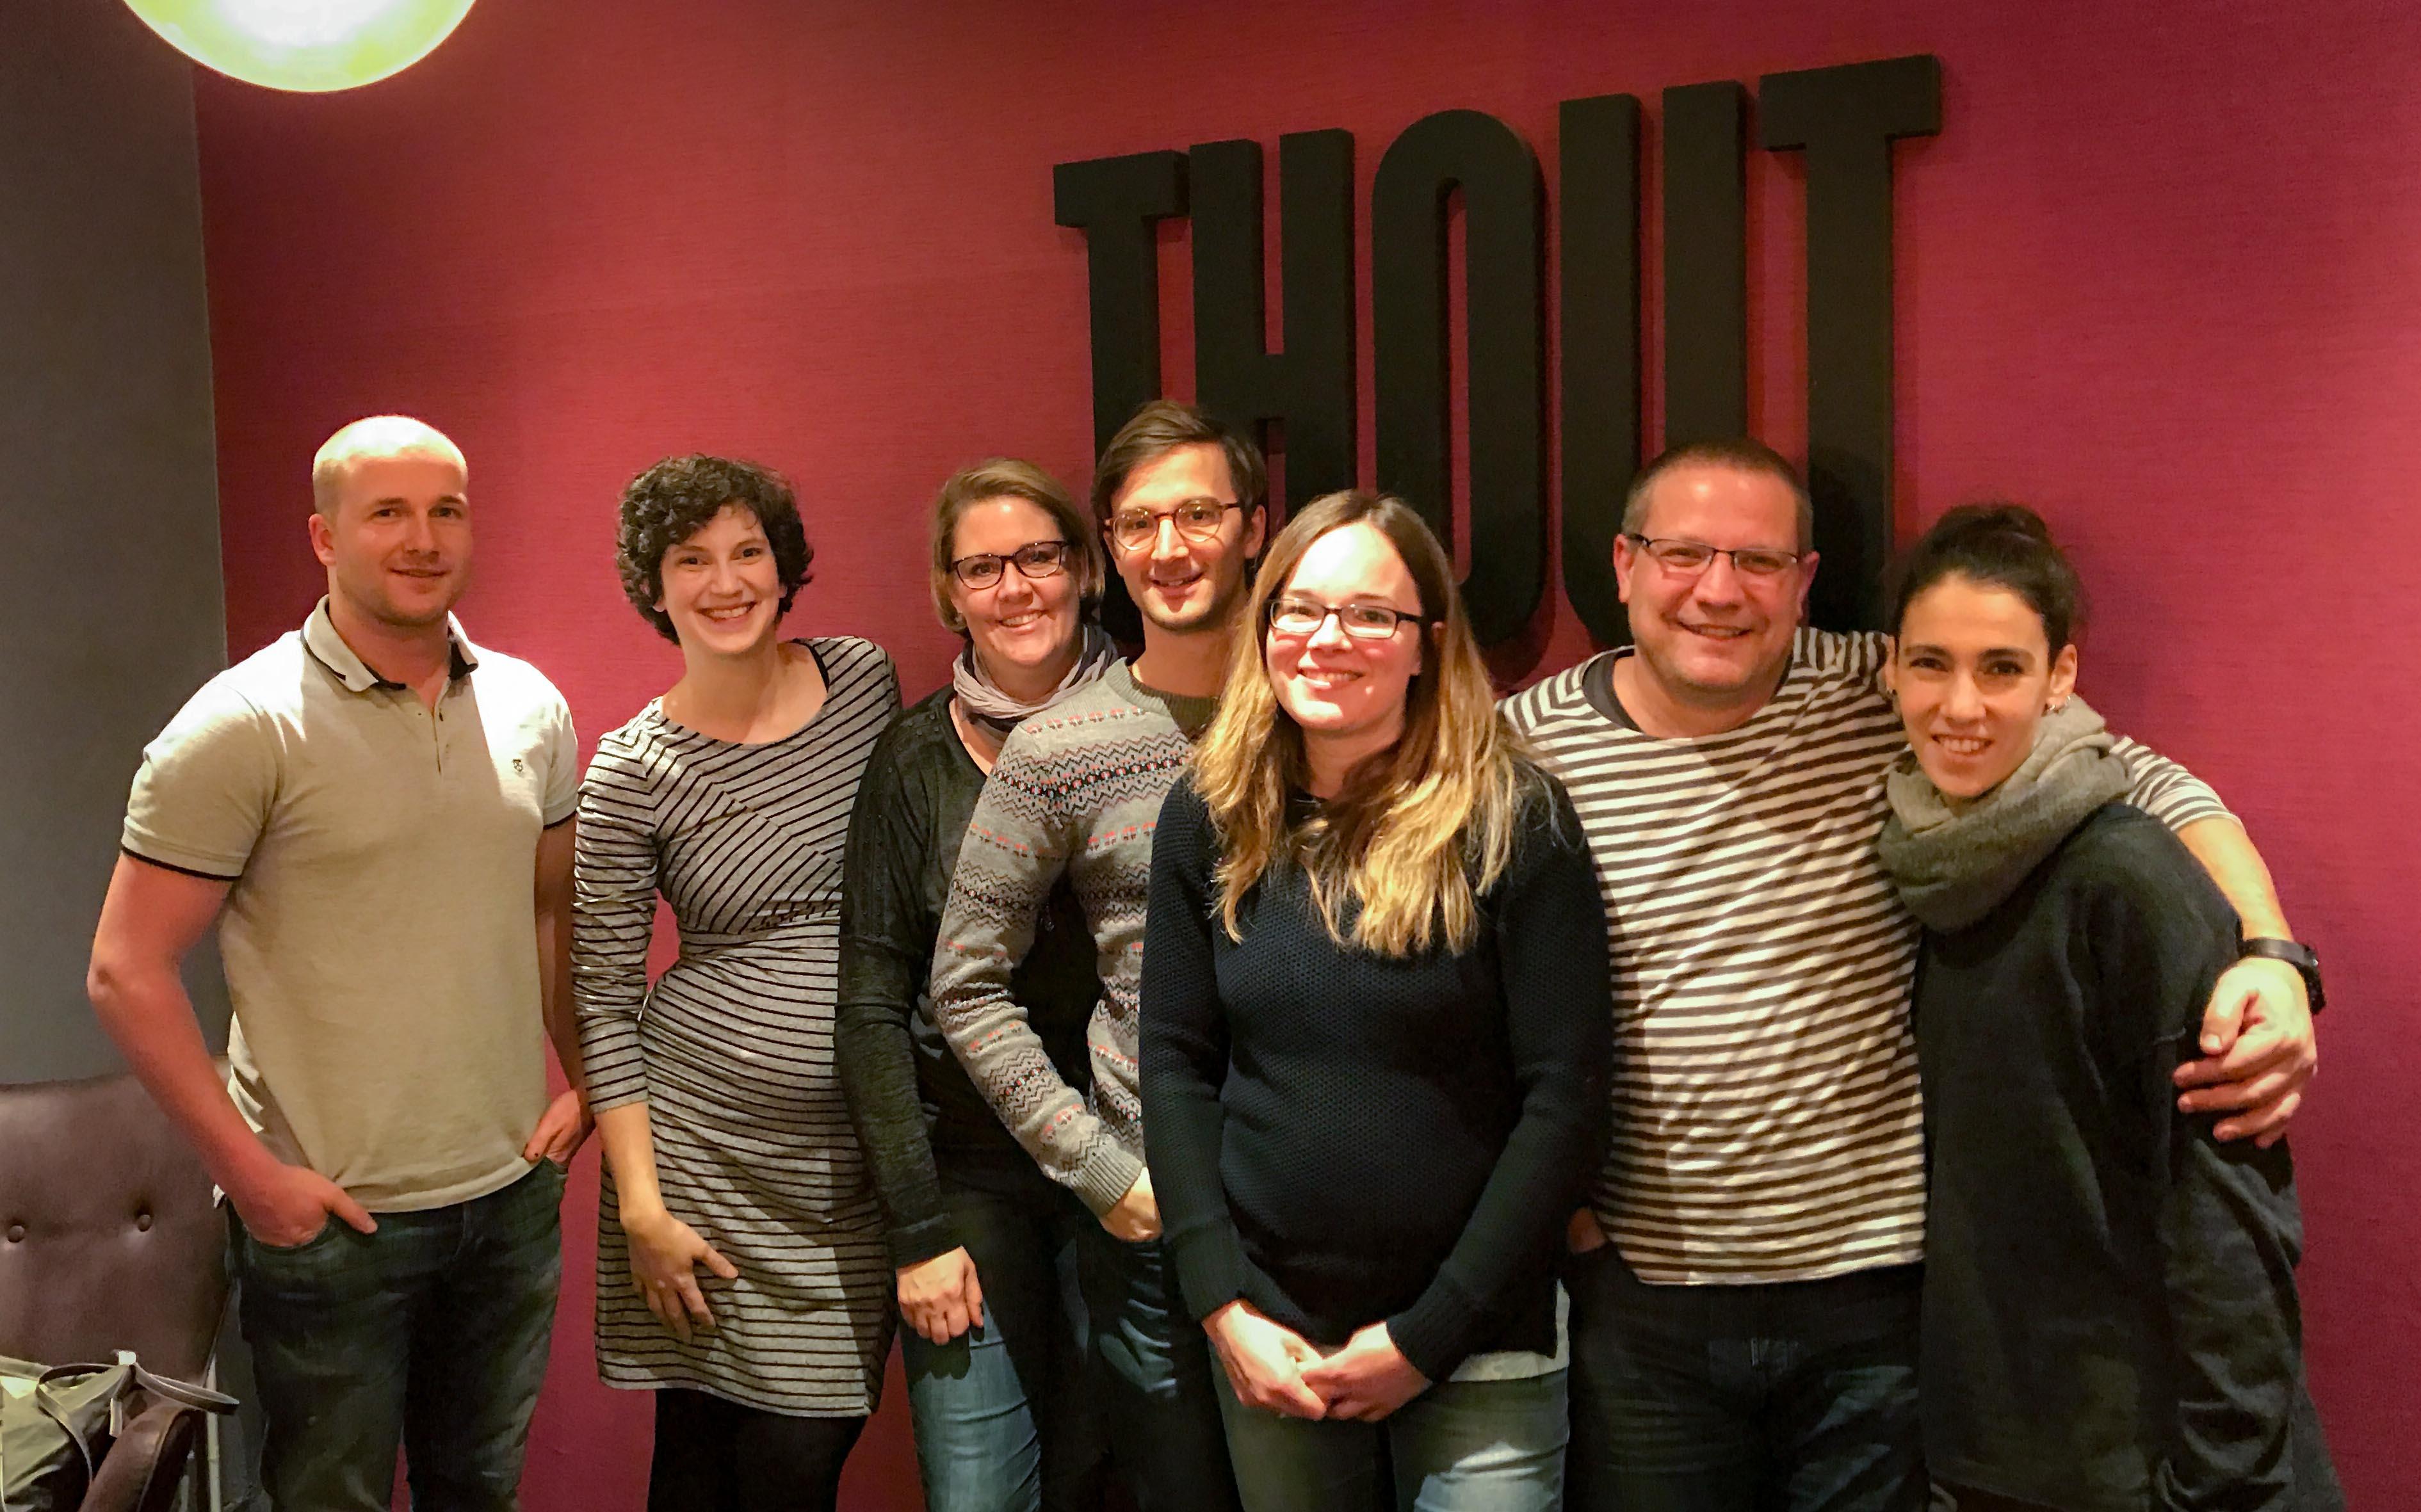 THOUT in Aachen EscapeRoom-Abenteuer ein Erfahrungsbericht mit Empfehlung | Jolly&Luke